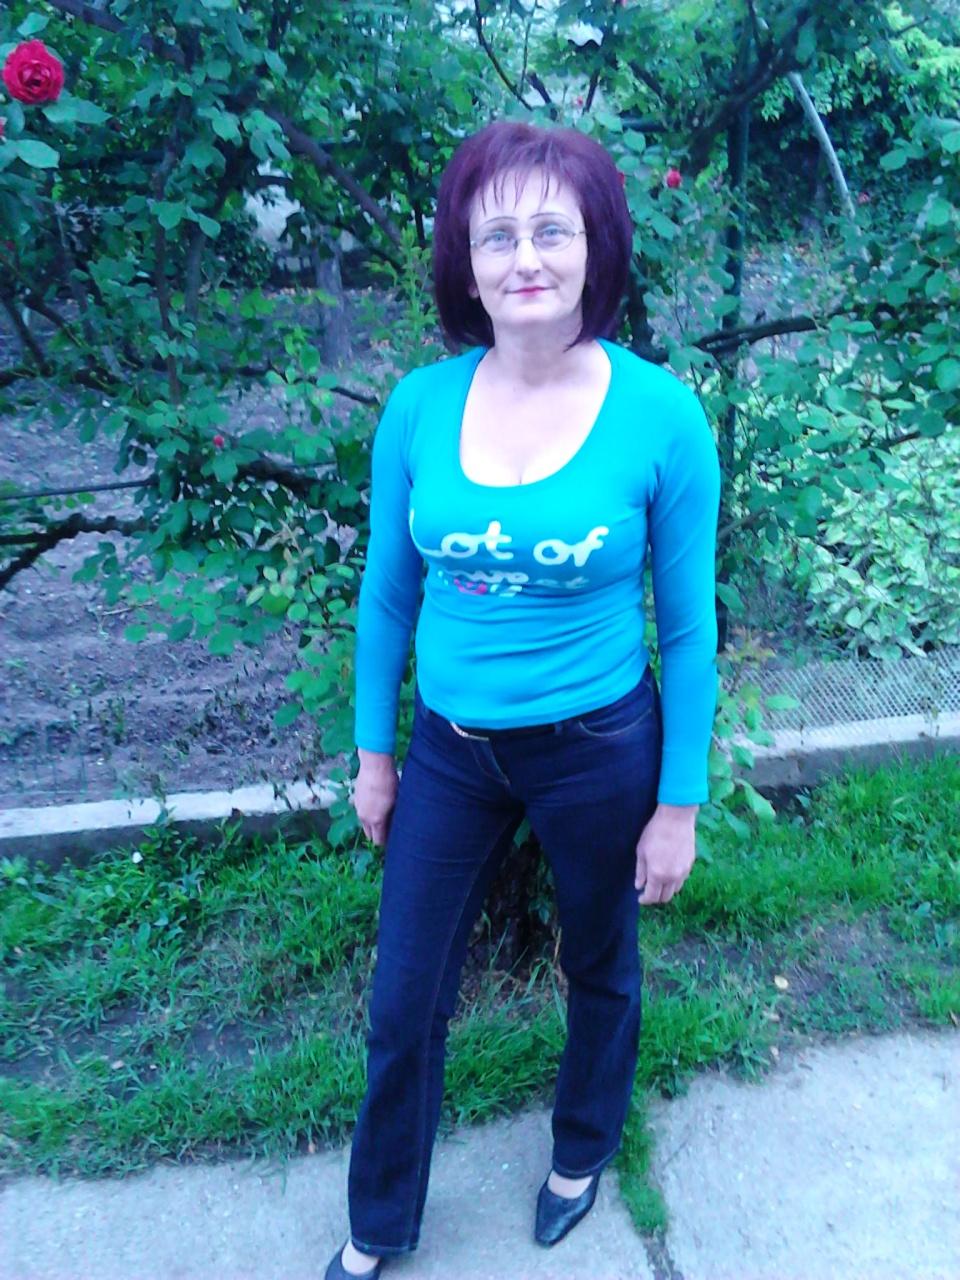 Párom.hu társkereső - Margó [1281928] fotóalbuma